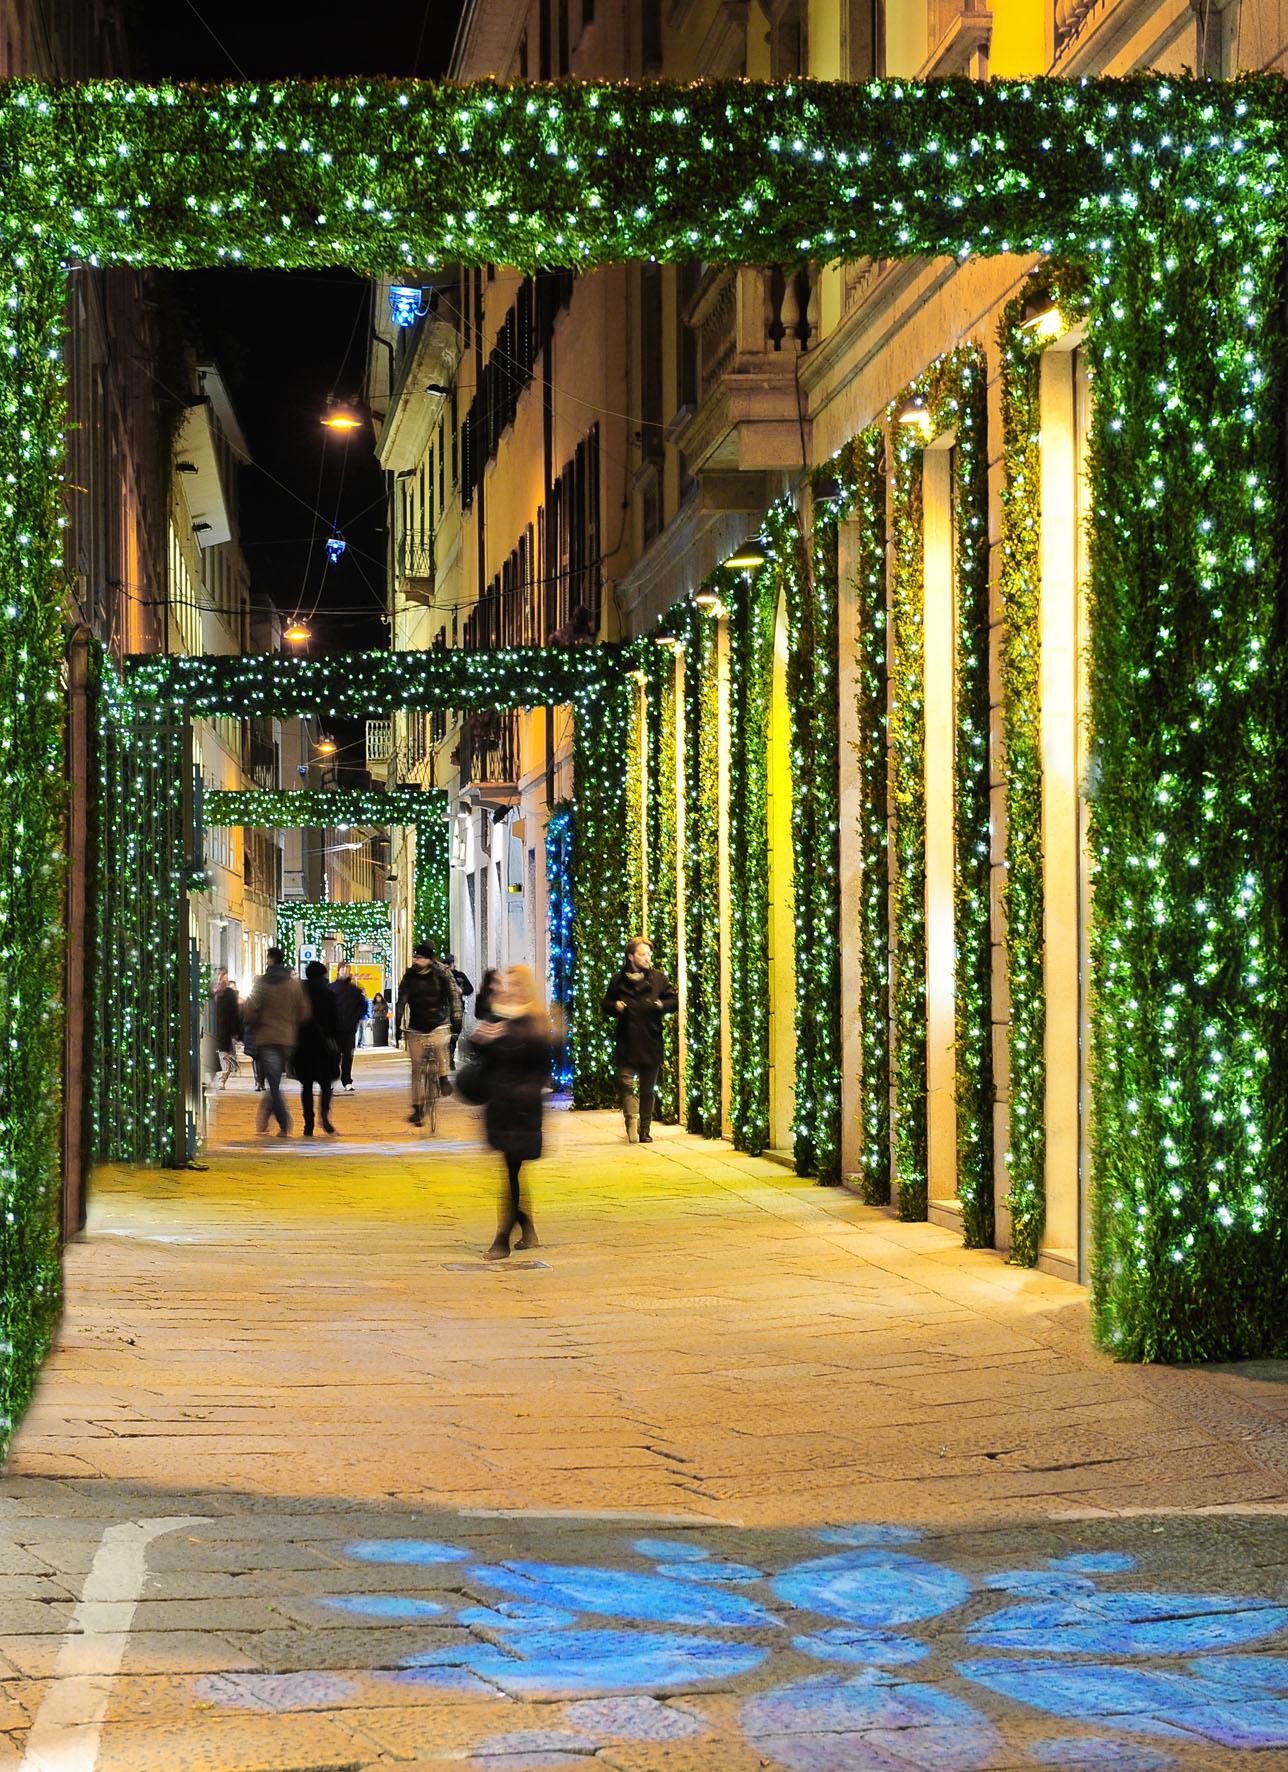 Natale in via della Spiga, con Tiffany & Co. più Babbo Natale